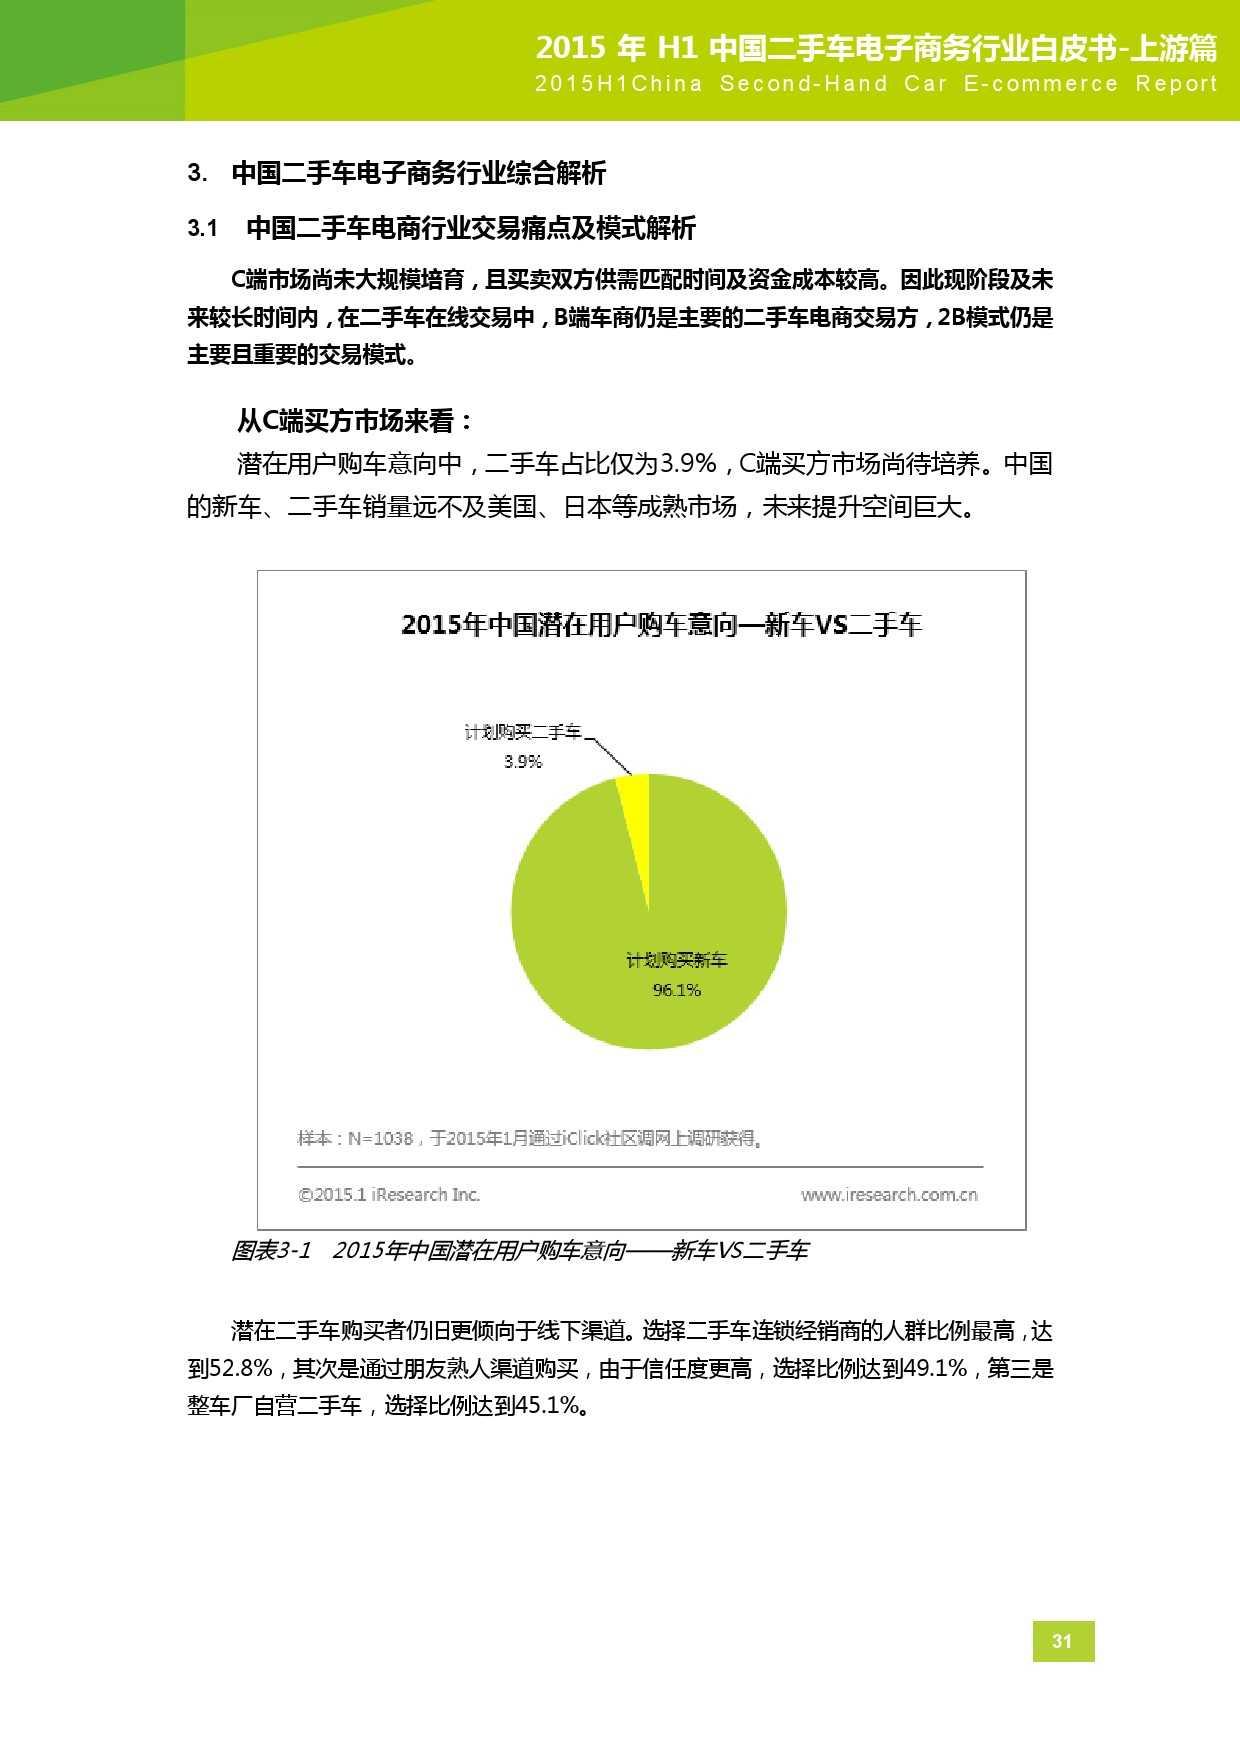 2015年中国二手车电子商务行业白皮书-上游篇_000032